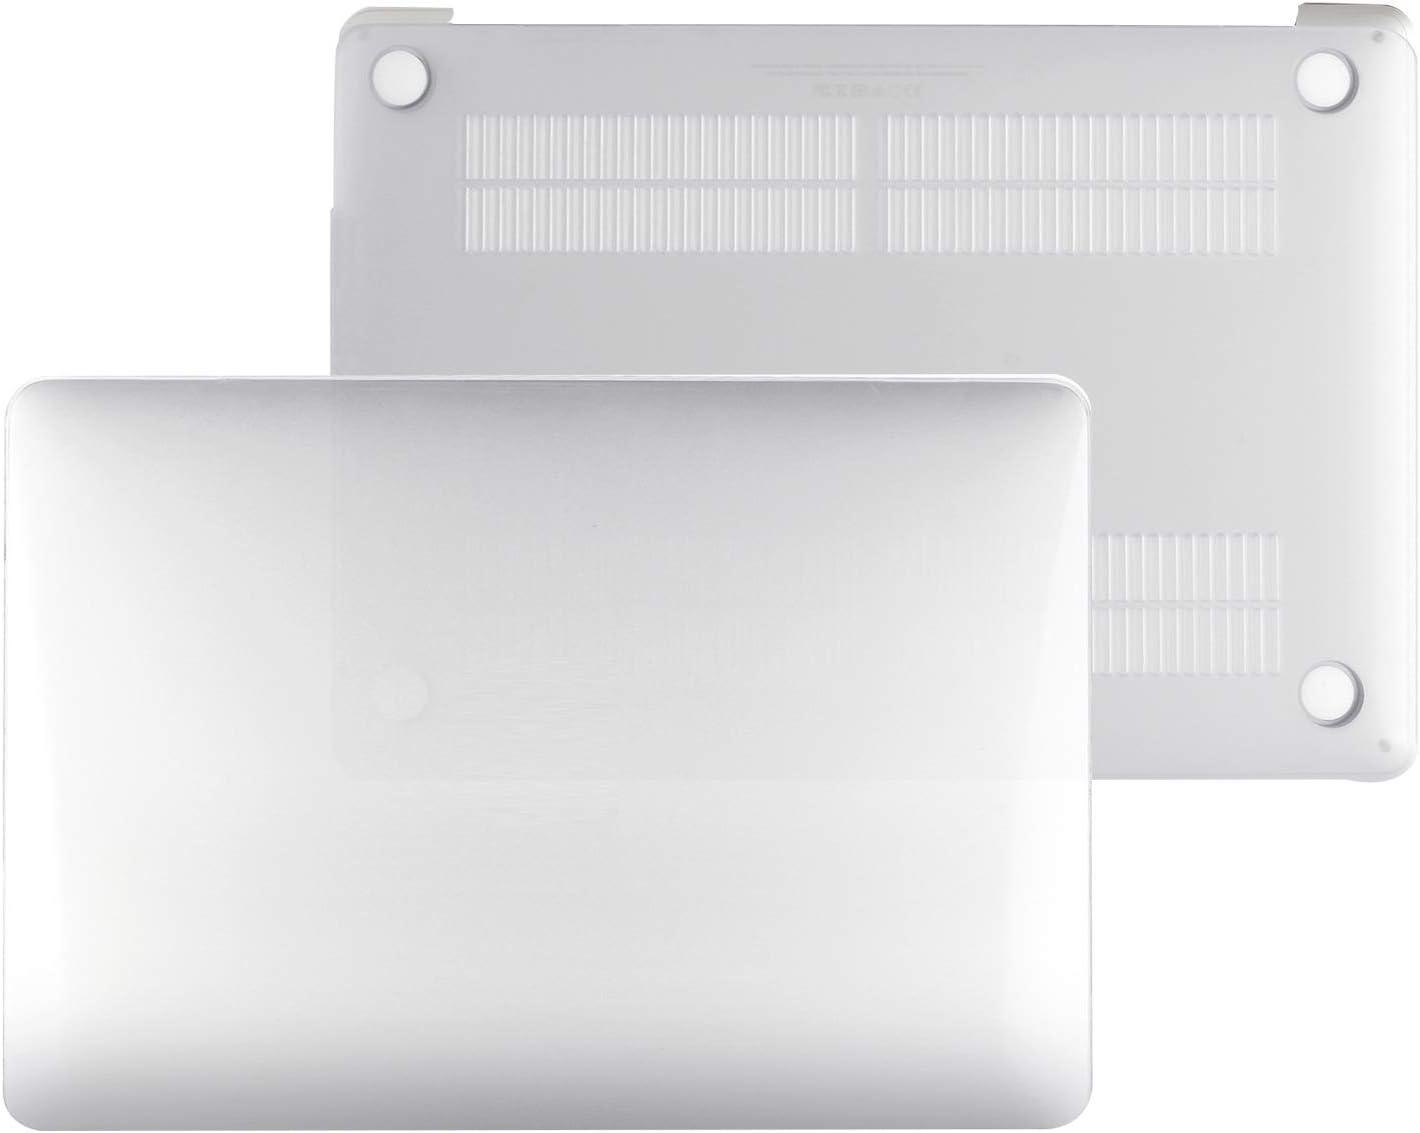 PC Case /Étui Housse de Protection ProCase Coque Antichoc MacBook Air 13 Pouces en 2018 A1932 D/écoup/ée avec Finesse-Noir Cover Mince Simple Translucide Utilisation Optimale